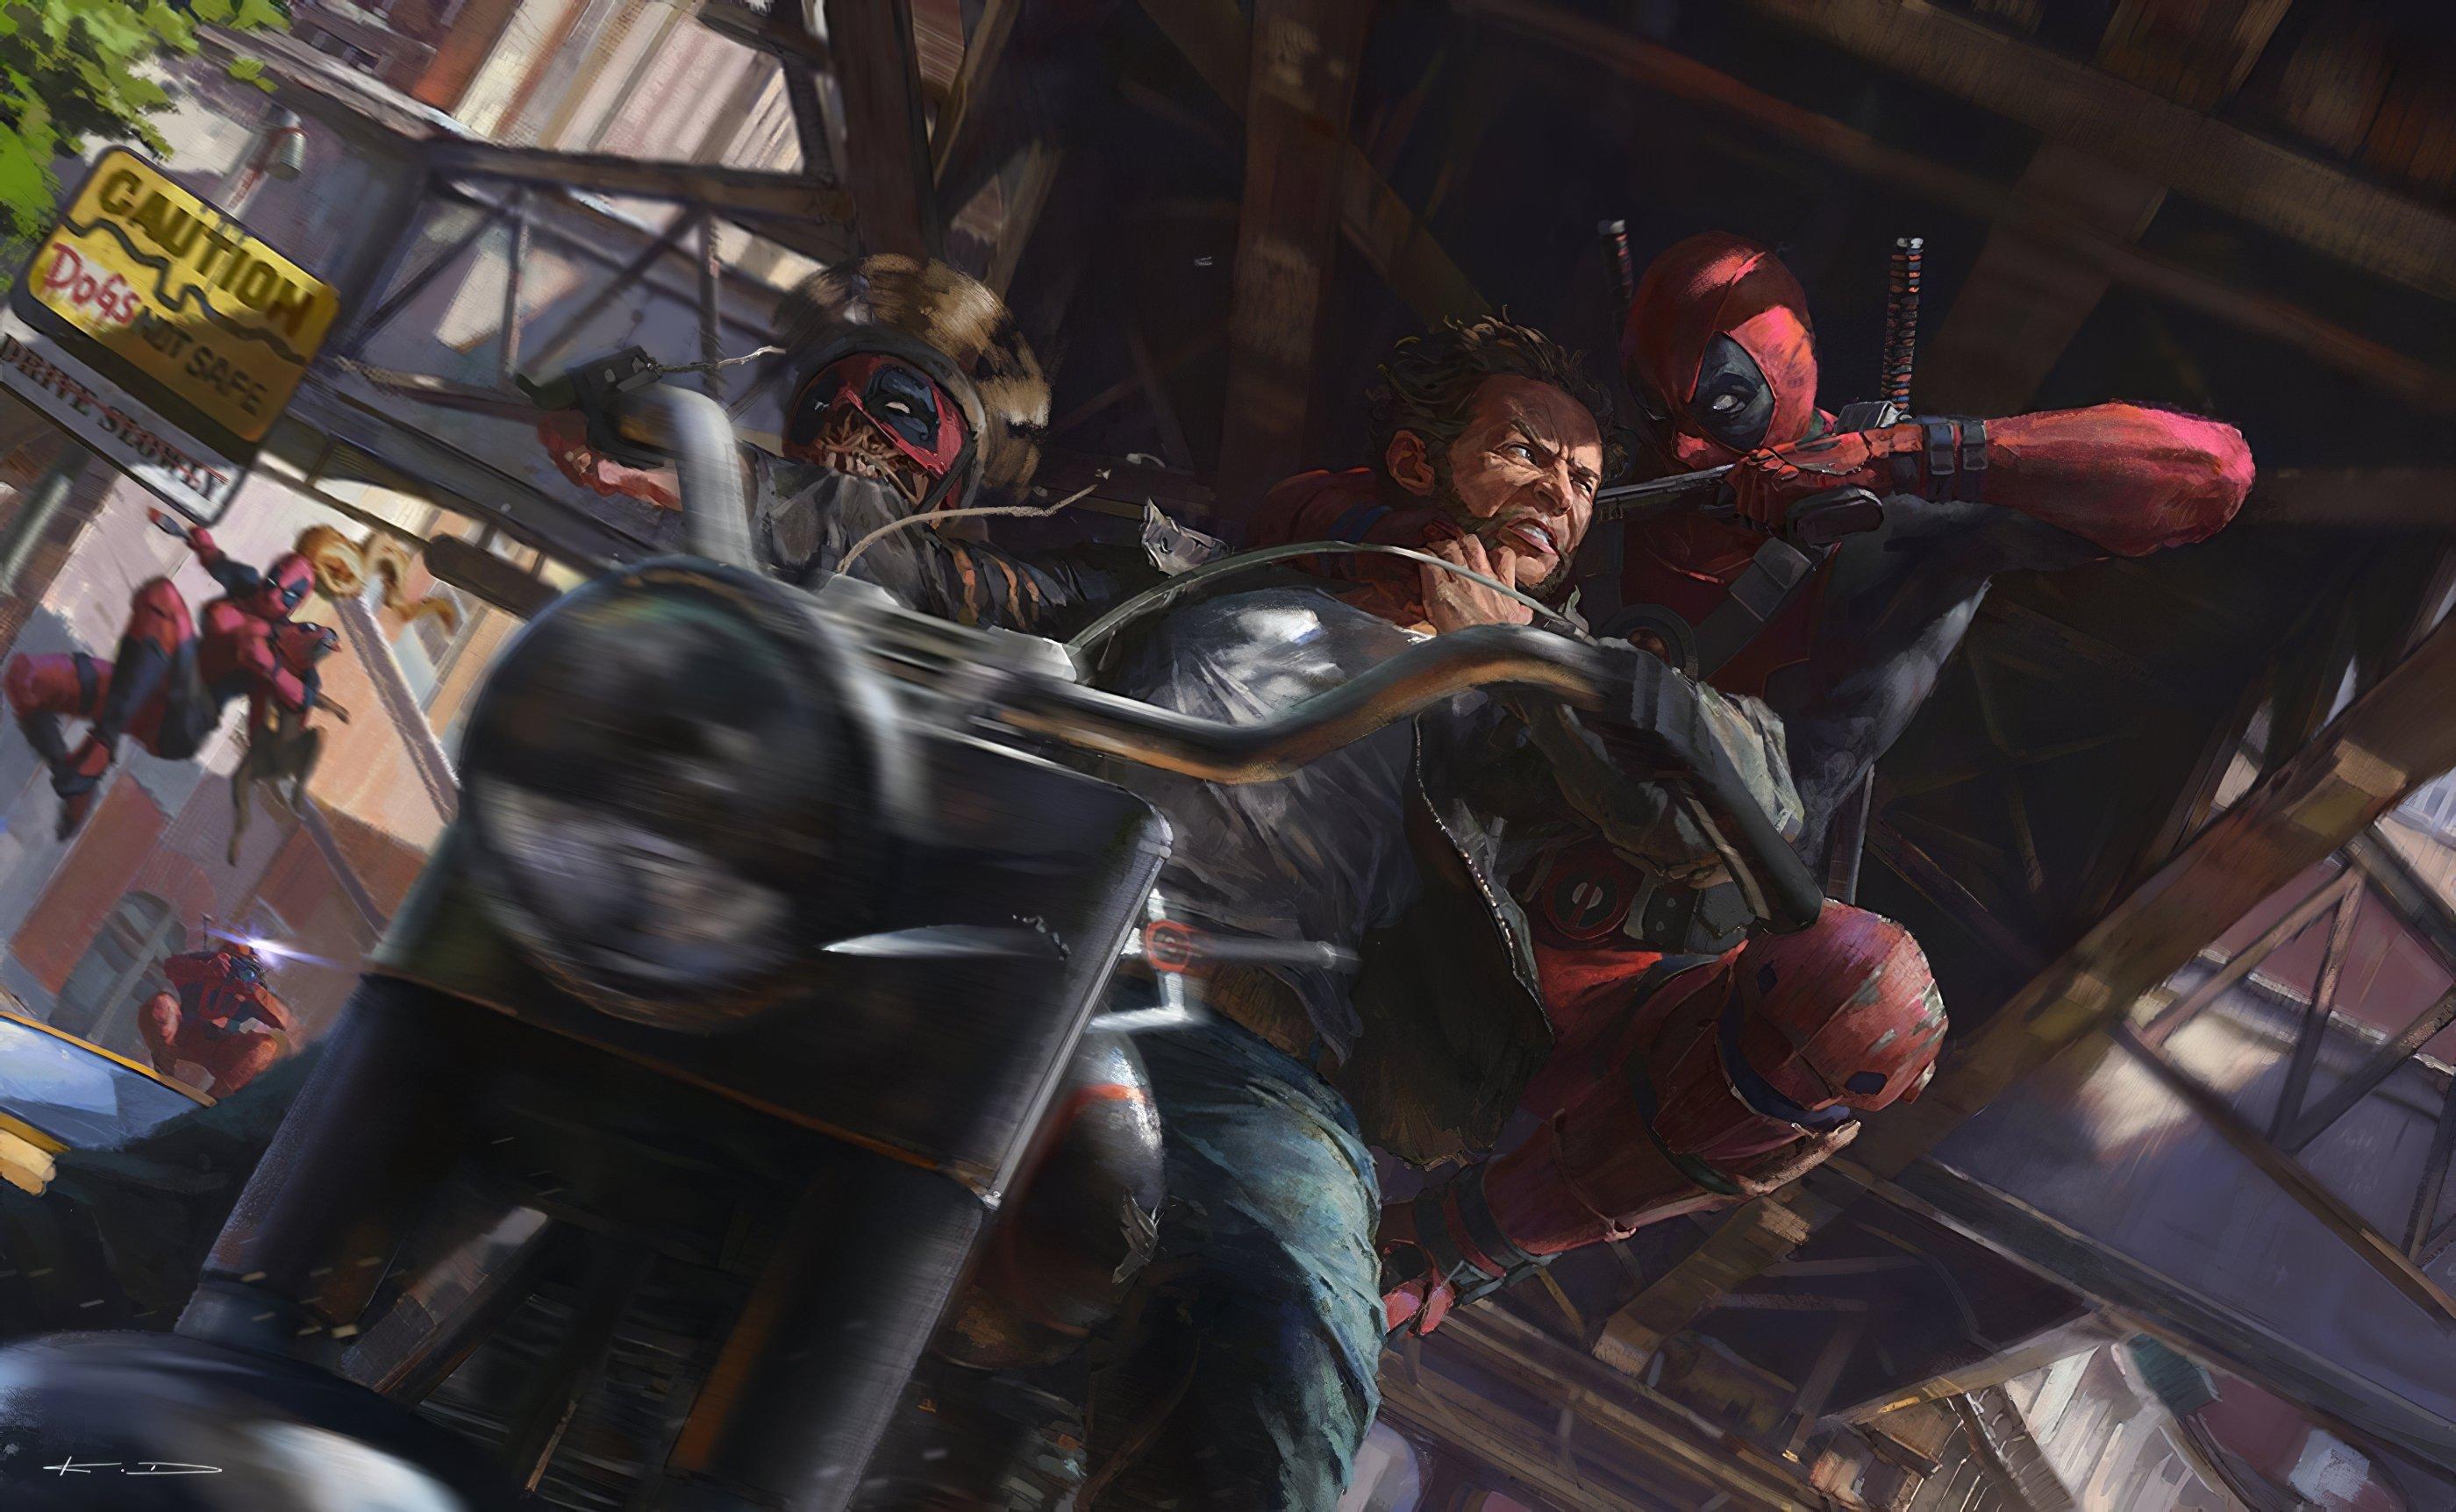 Fondos de pantalla Deadpool en pelea con Wolverine en motocicleta